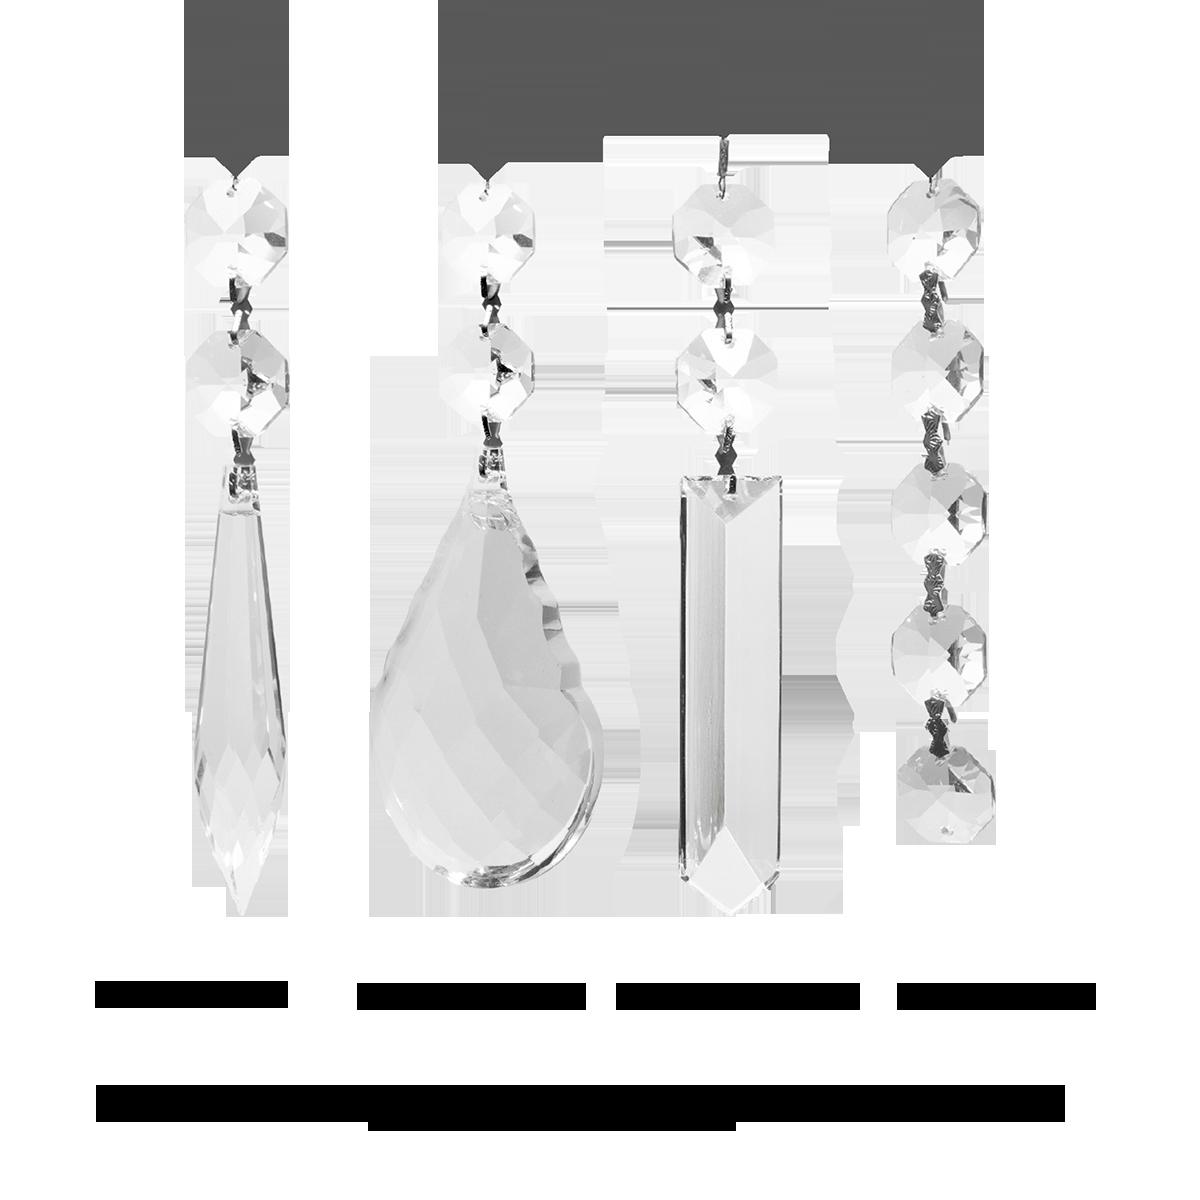 Kristallbehänge 4 Paare an Faden zum Dekorieren, GKI.SORTIMENT-04